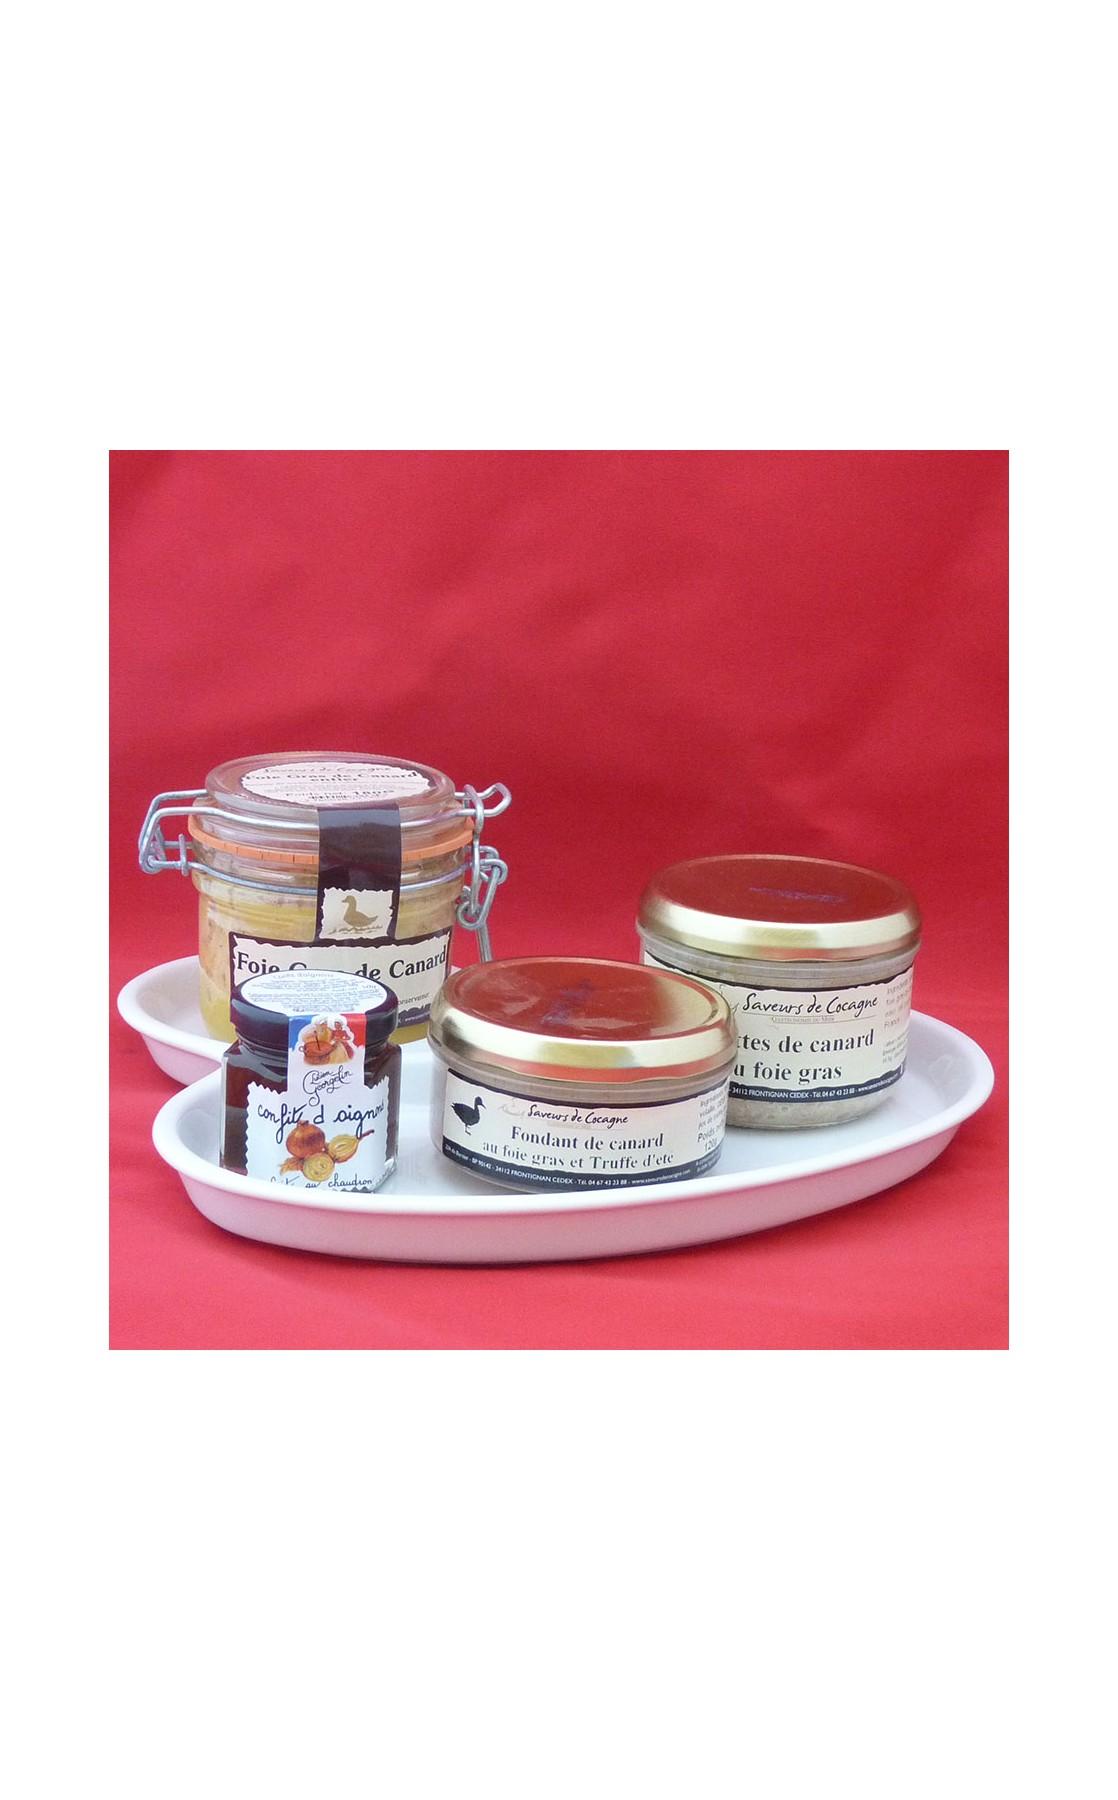 Assiette porcelaine foie gras n°1